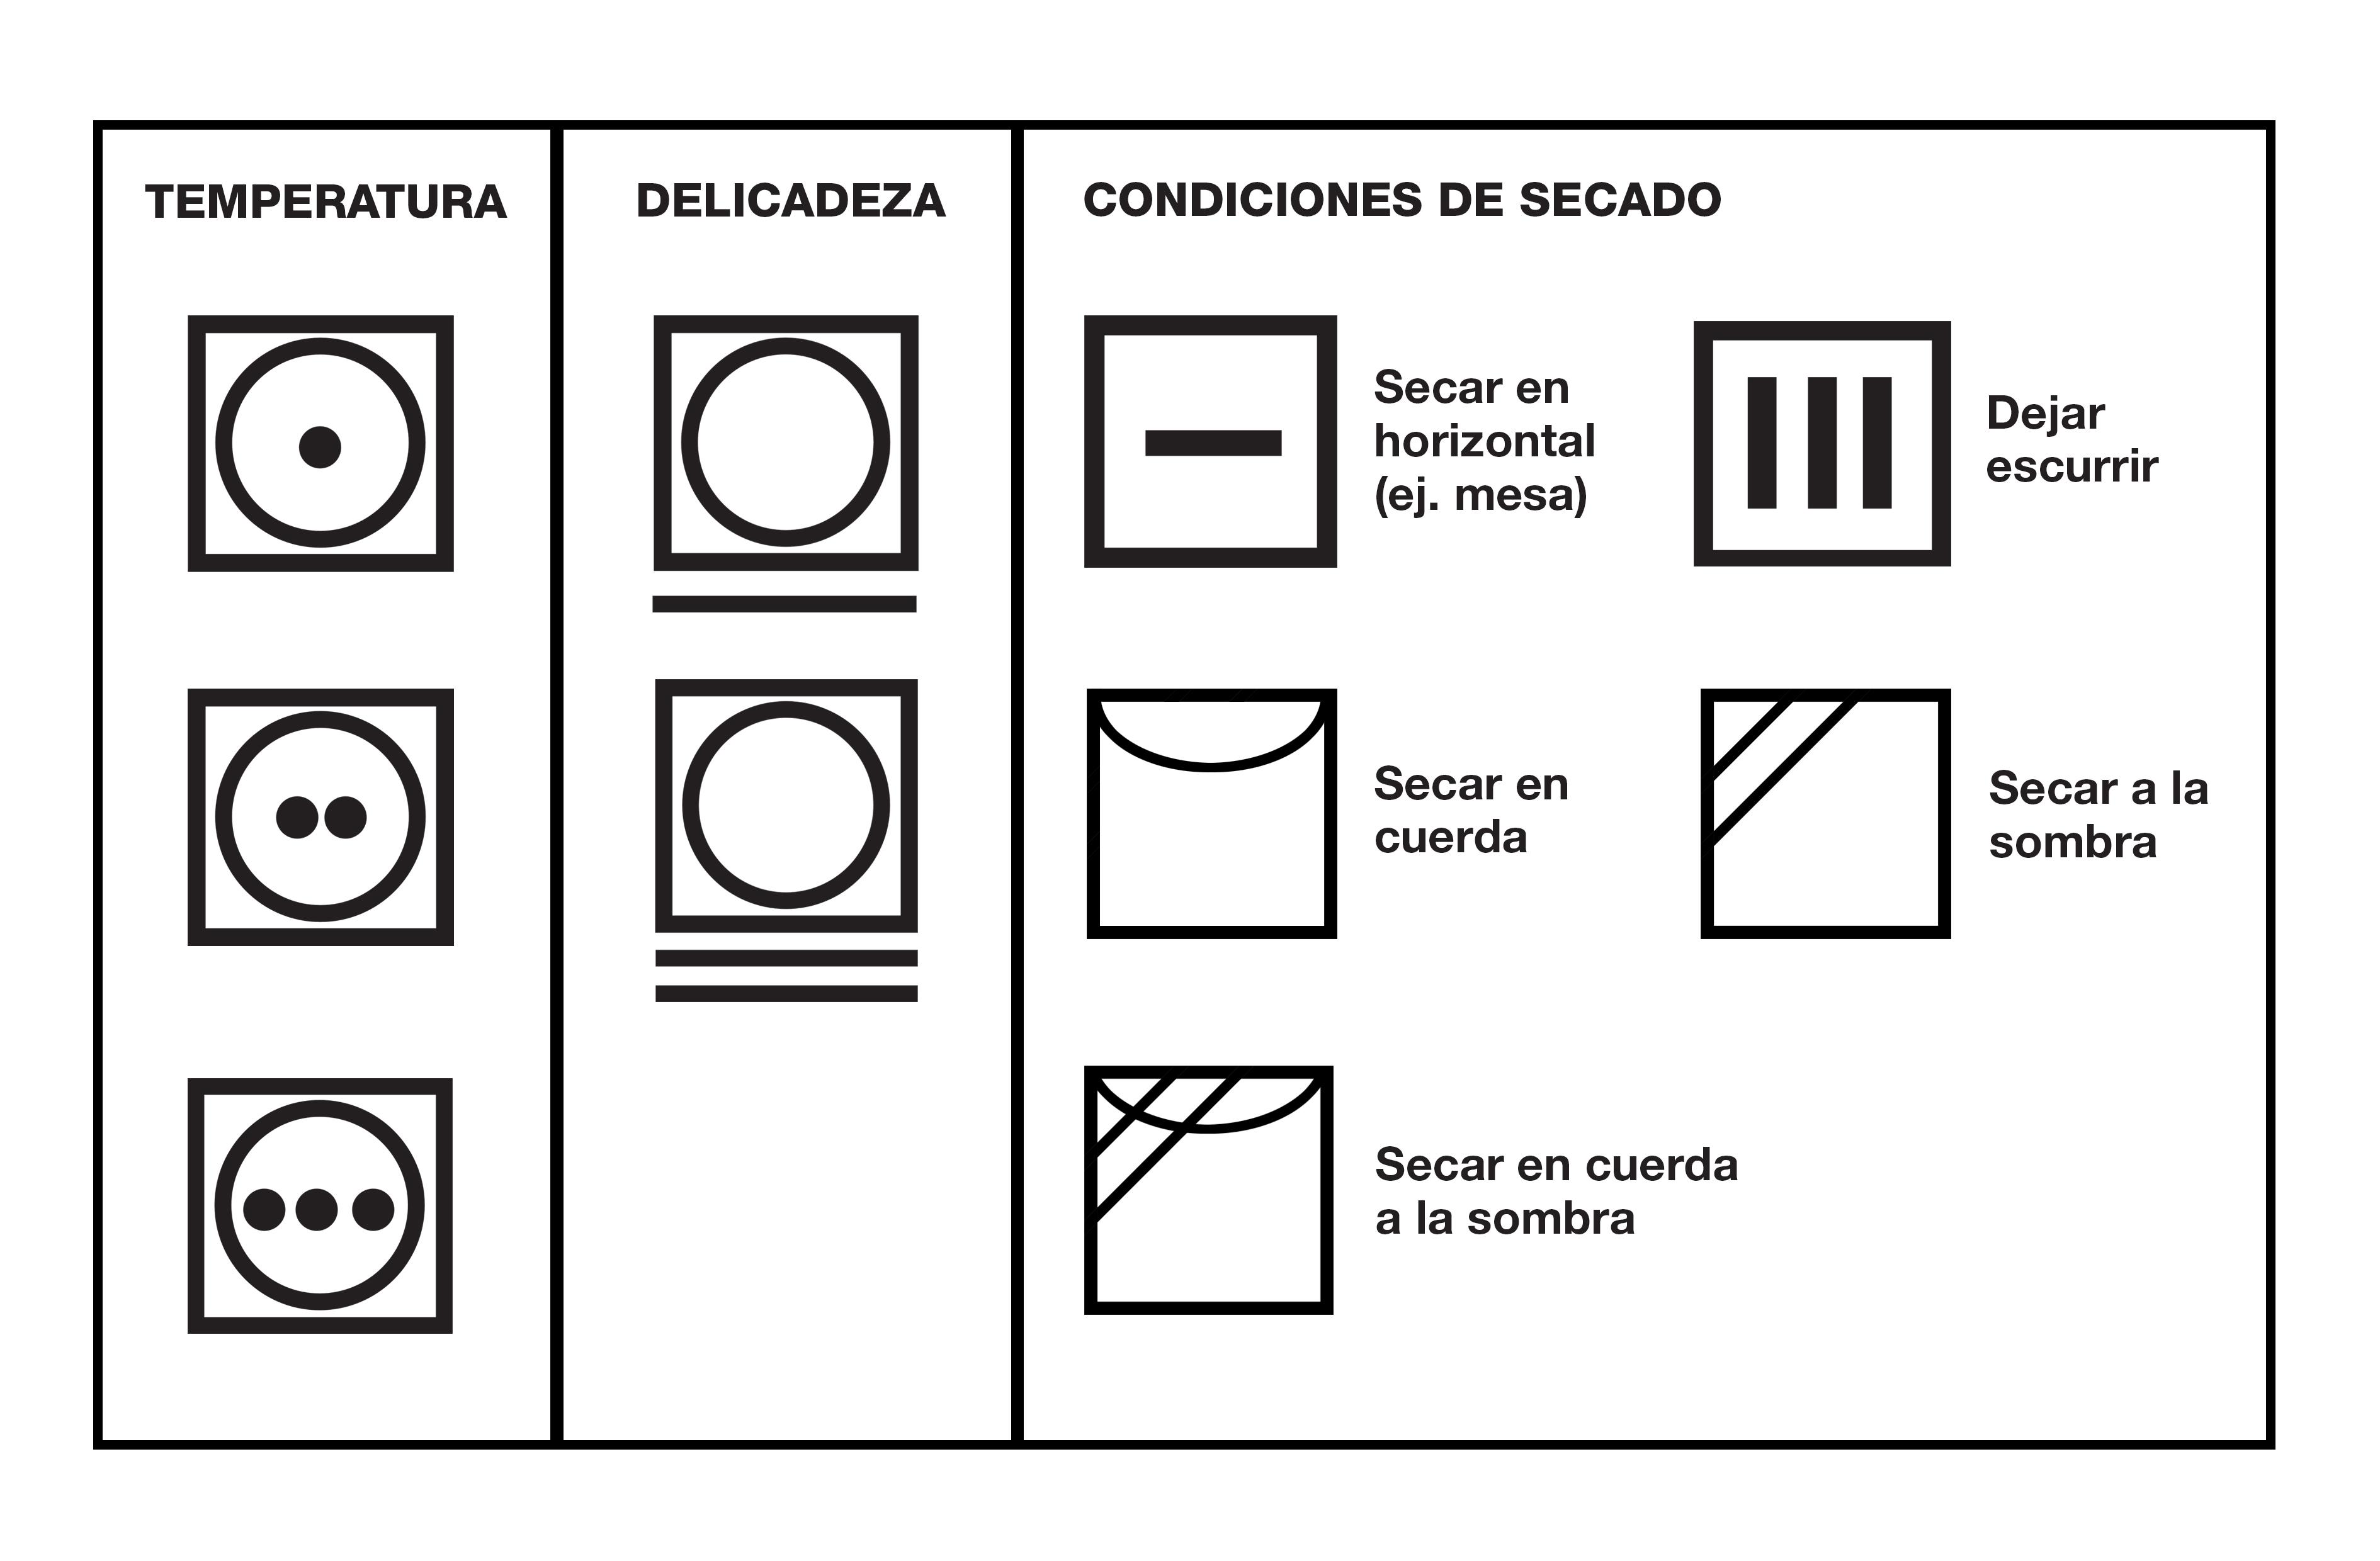 instrucciones-secado